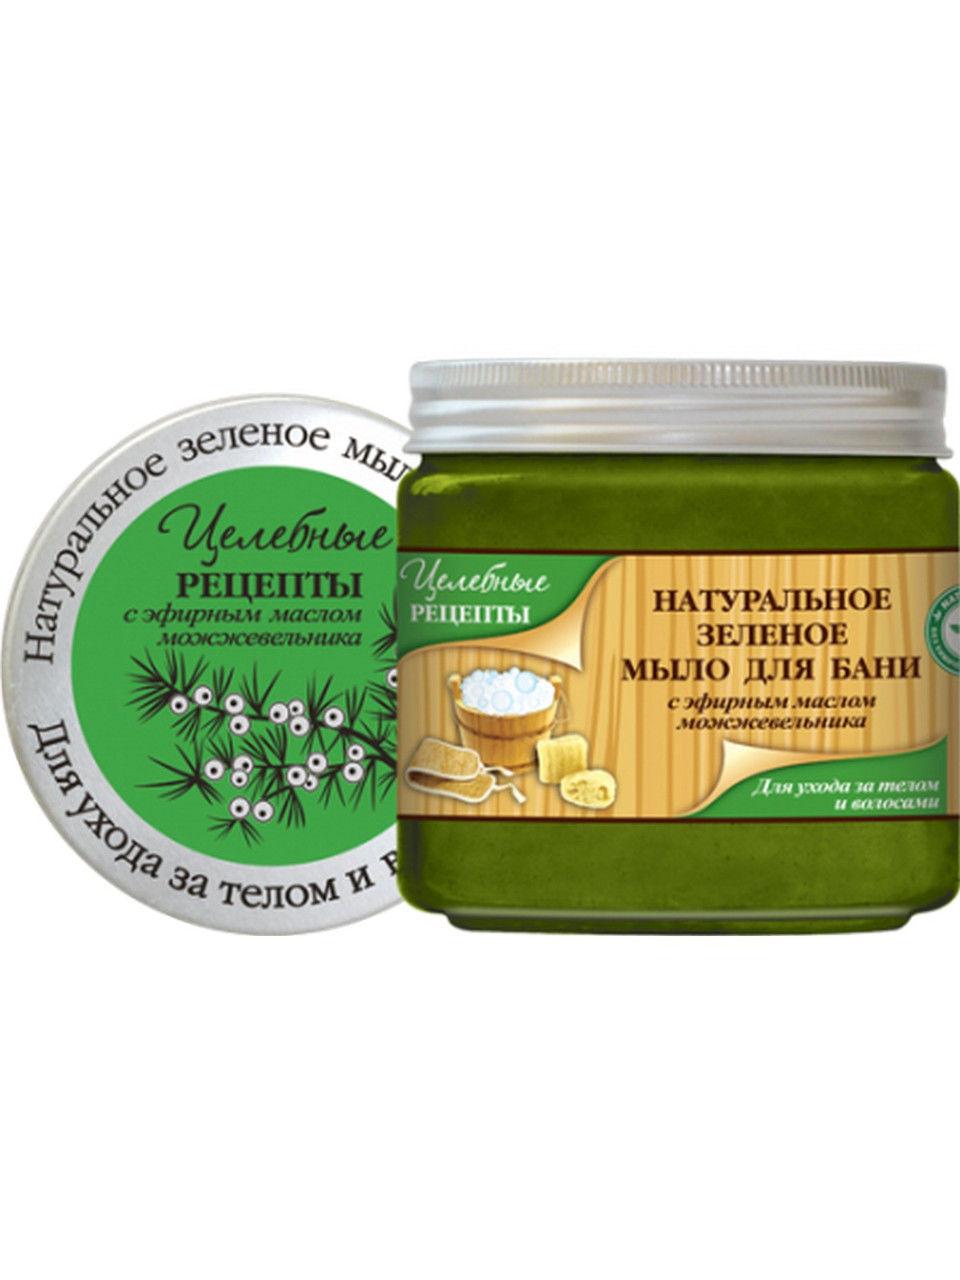 Целебные Рецепты Натуральное Зеленое мыло для бани для ухода за телом и волосами 500 мл. (Целебные рецепты)